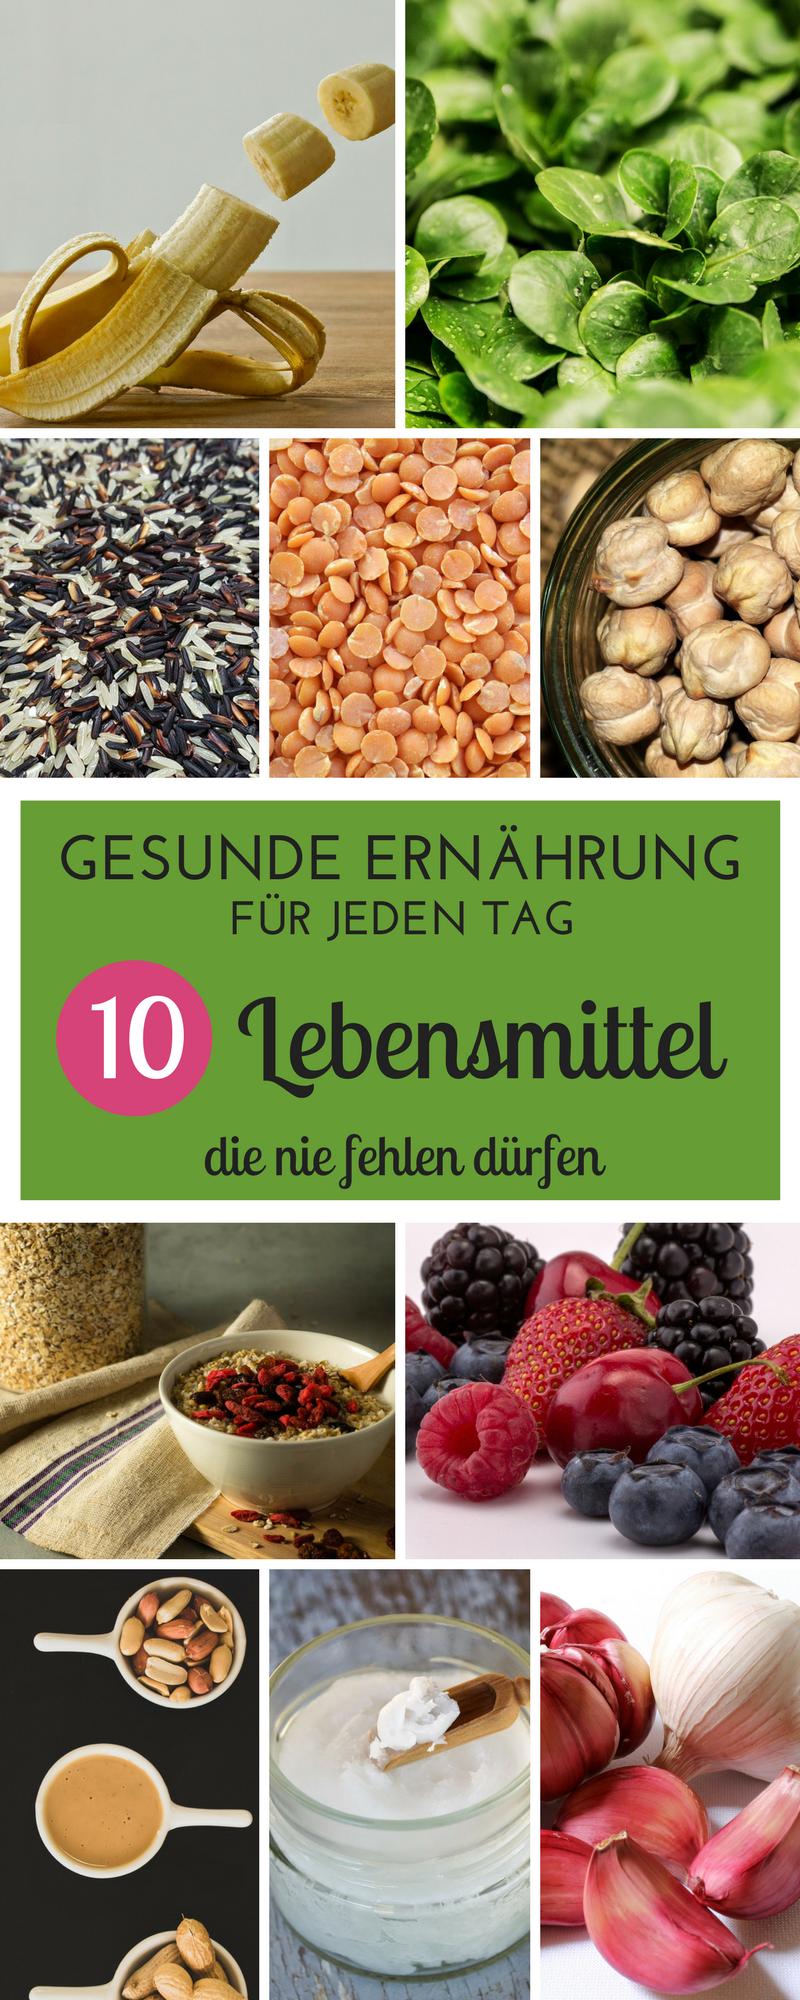 Photo of Gesunde Ernährung für jeden Tag: 10 Lebensmittel, die nie in meiner Küche fehlen dürfen